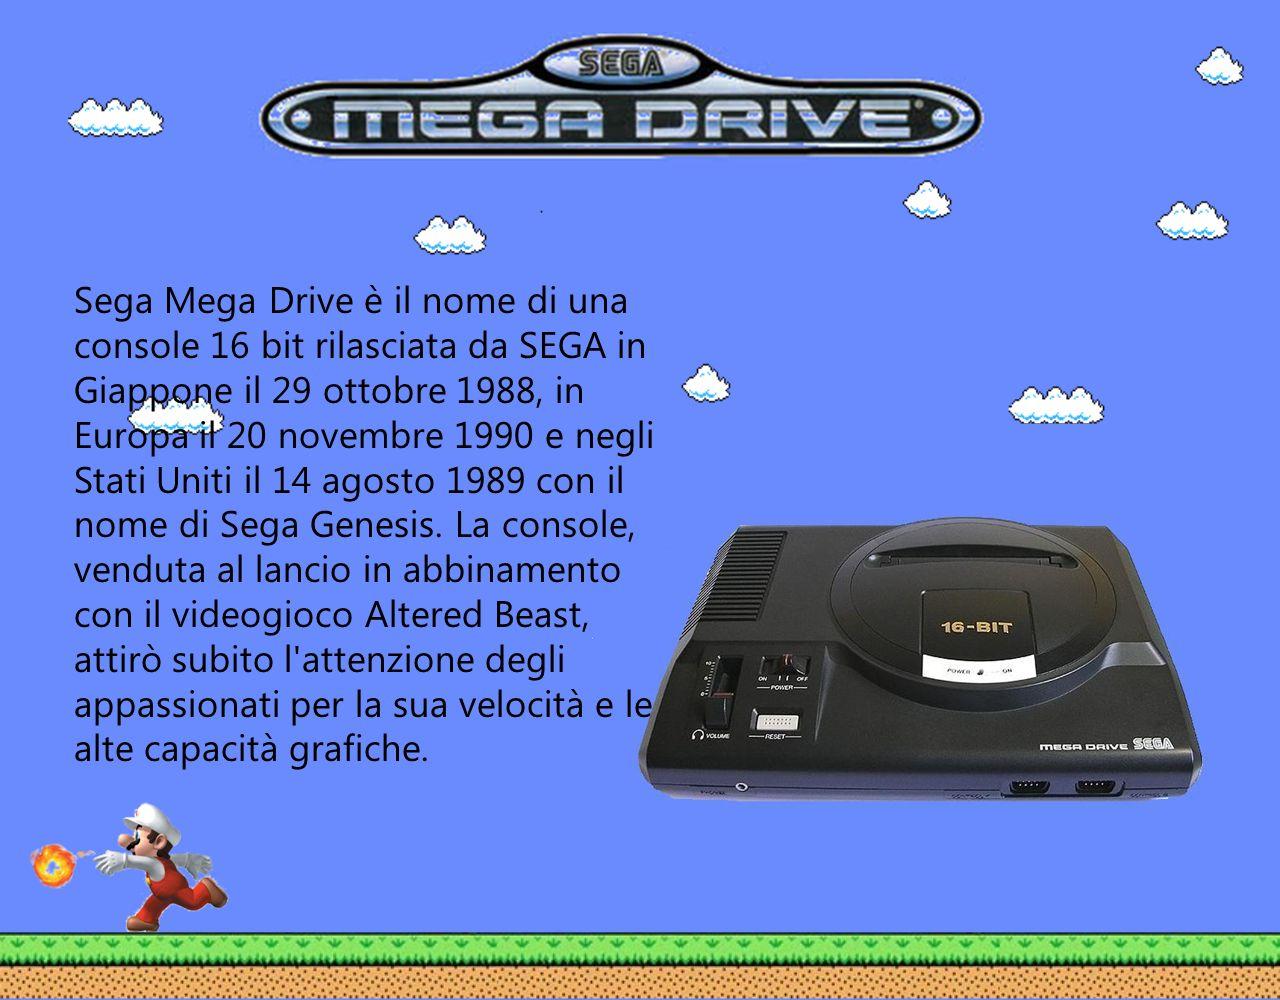 Sega Mega Drive è il nome di una console 16 bit rilasciata da SEGA in Giappone il 29 ottobre 1988, in Europa il 20 novembre 1990 e negli Stati Uniti il 14 agosto 1989 con il nome di Sega Genesis.